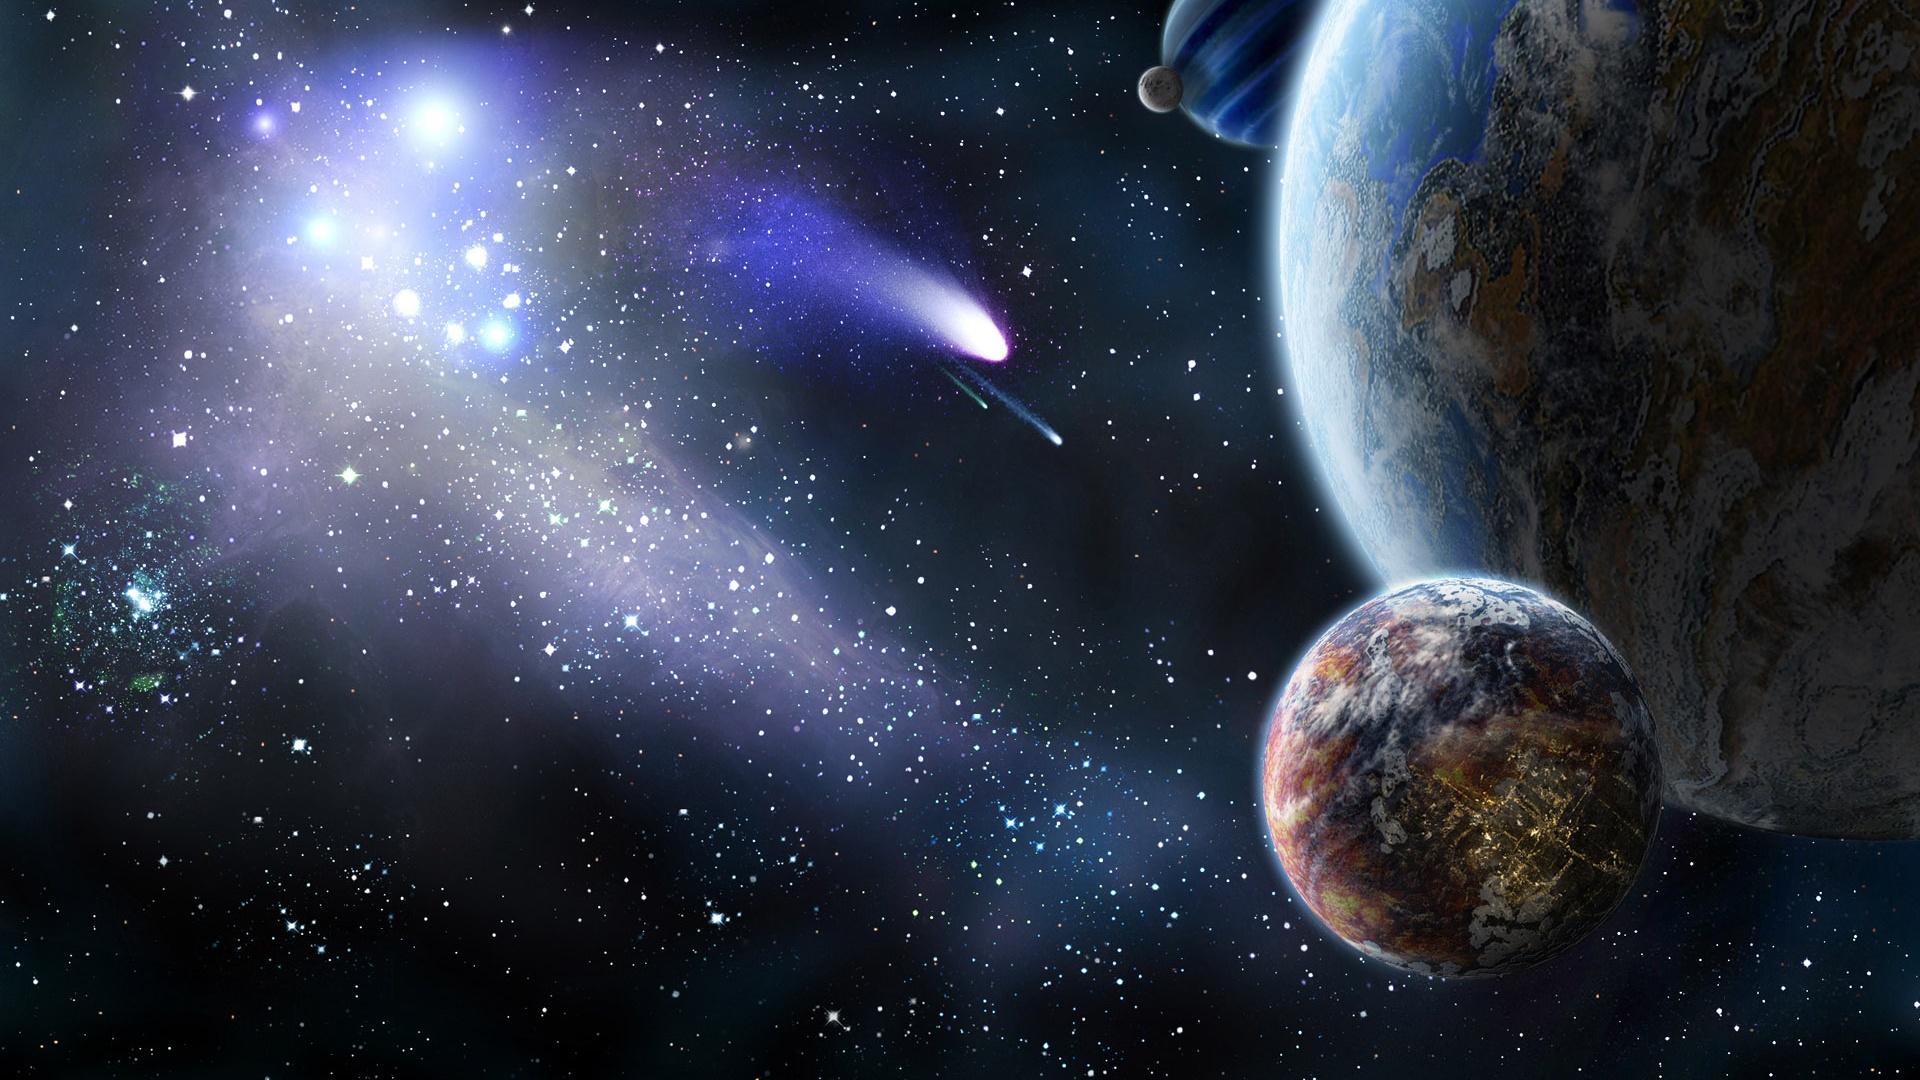 et la comète dans l'espace fonds d'écran x fonds d'écran